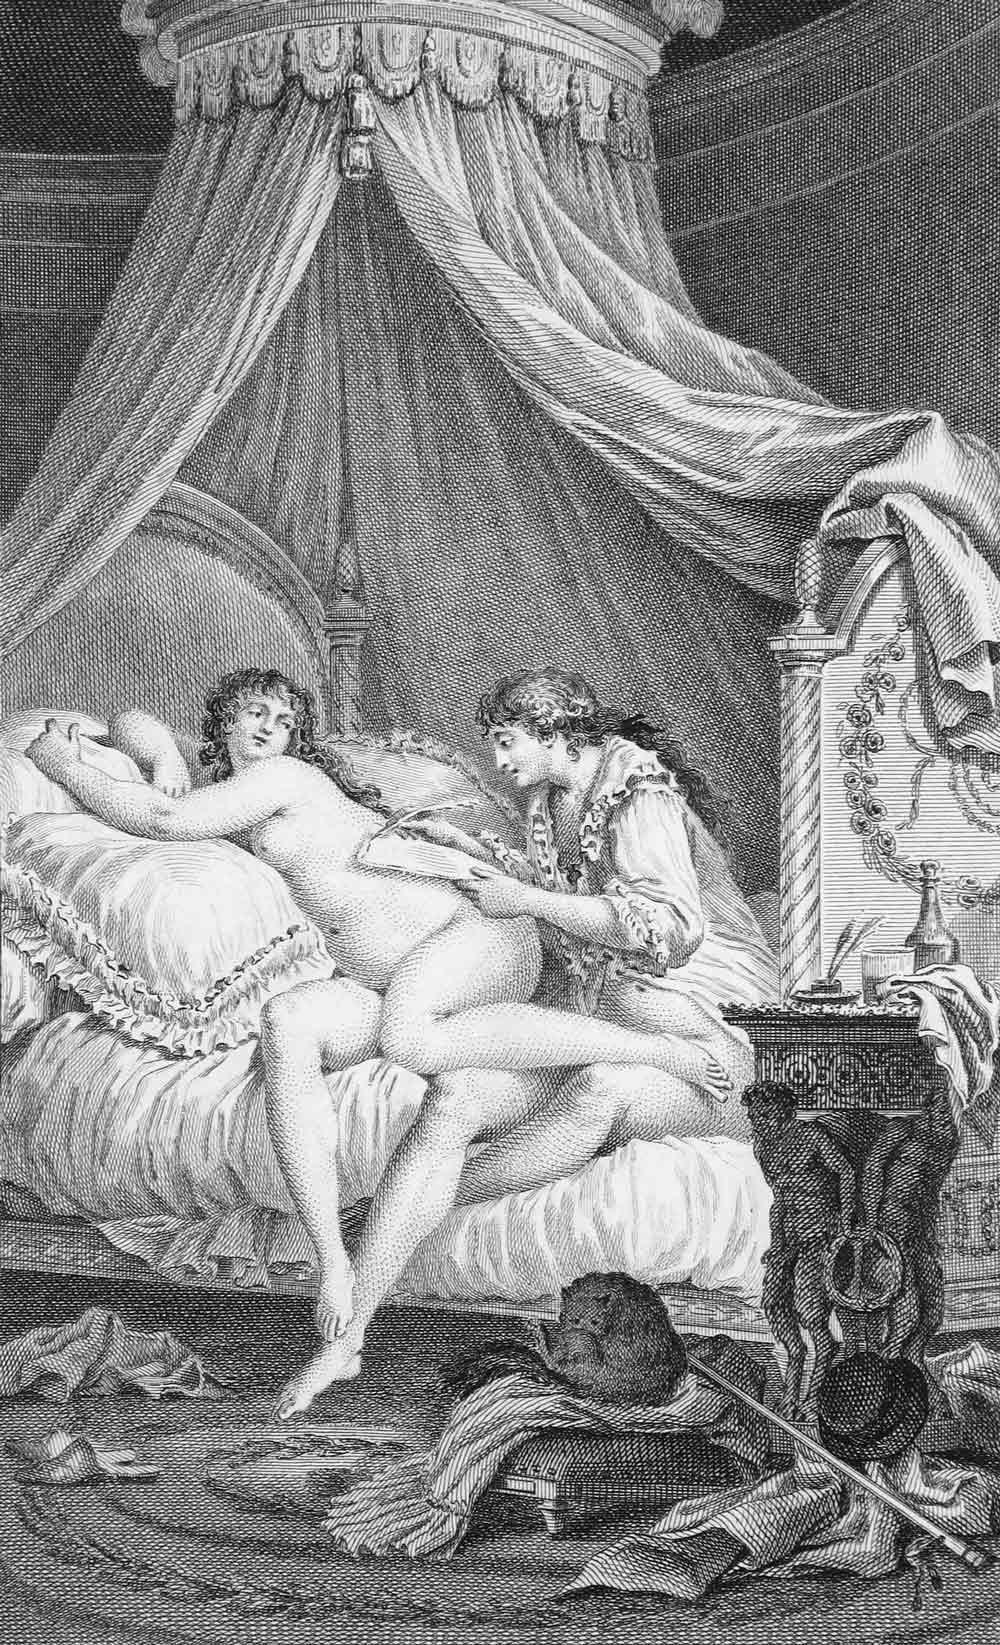 LettreXLVIII gravure de Charles-Louis Lingée pour Les Liasons dangereuses